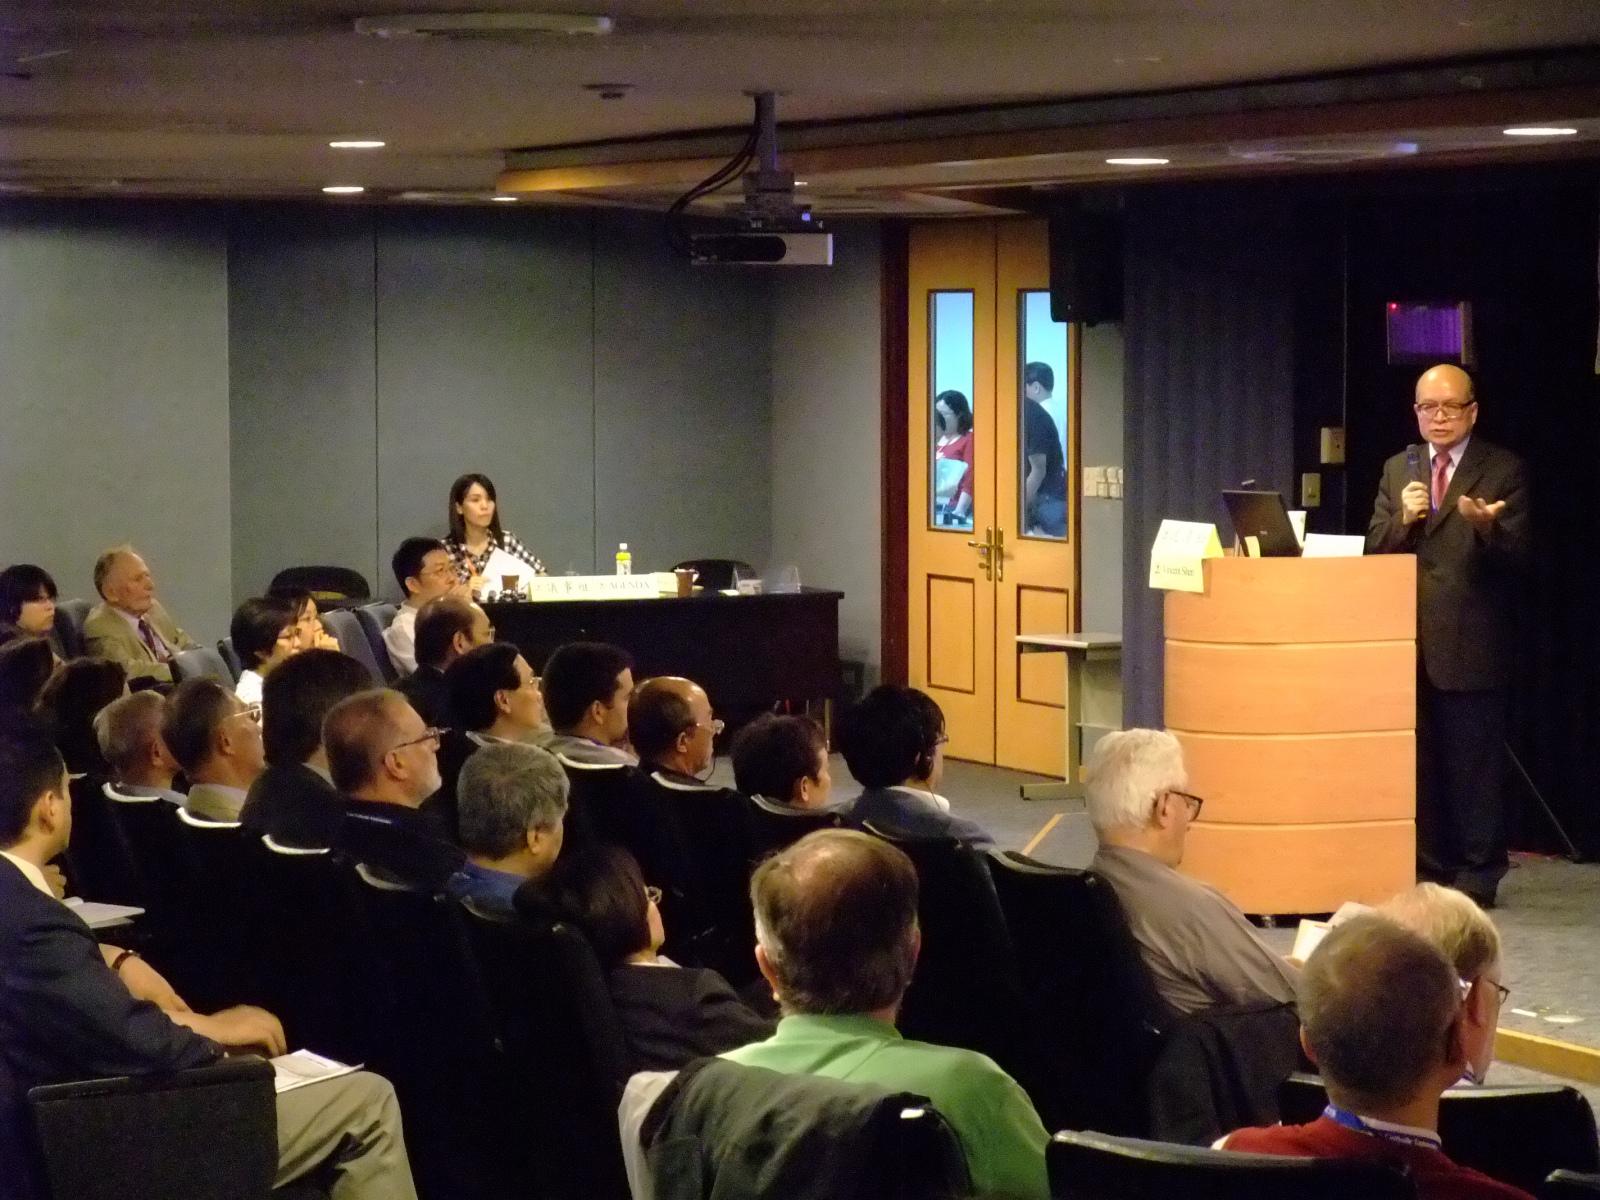 201004紀念利瑪竇逝世四百週年國際學術研討會-20